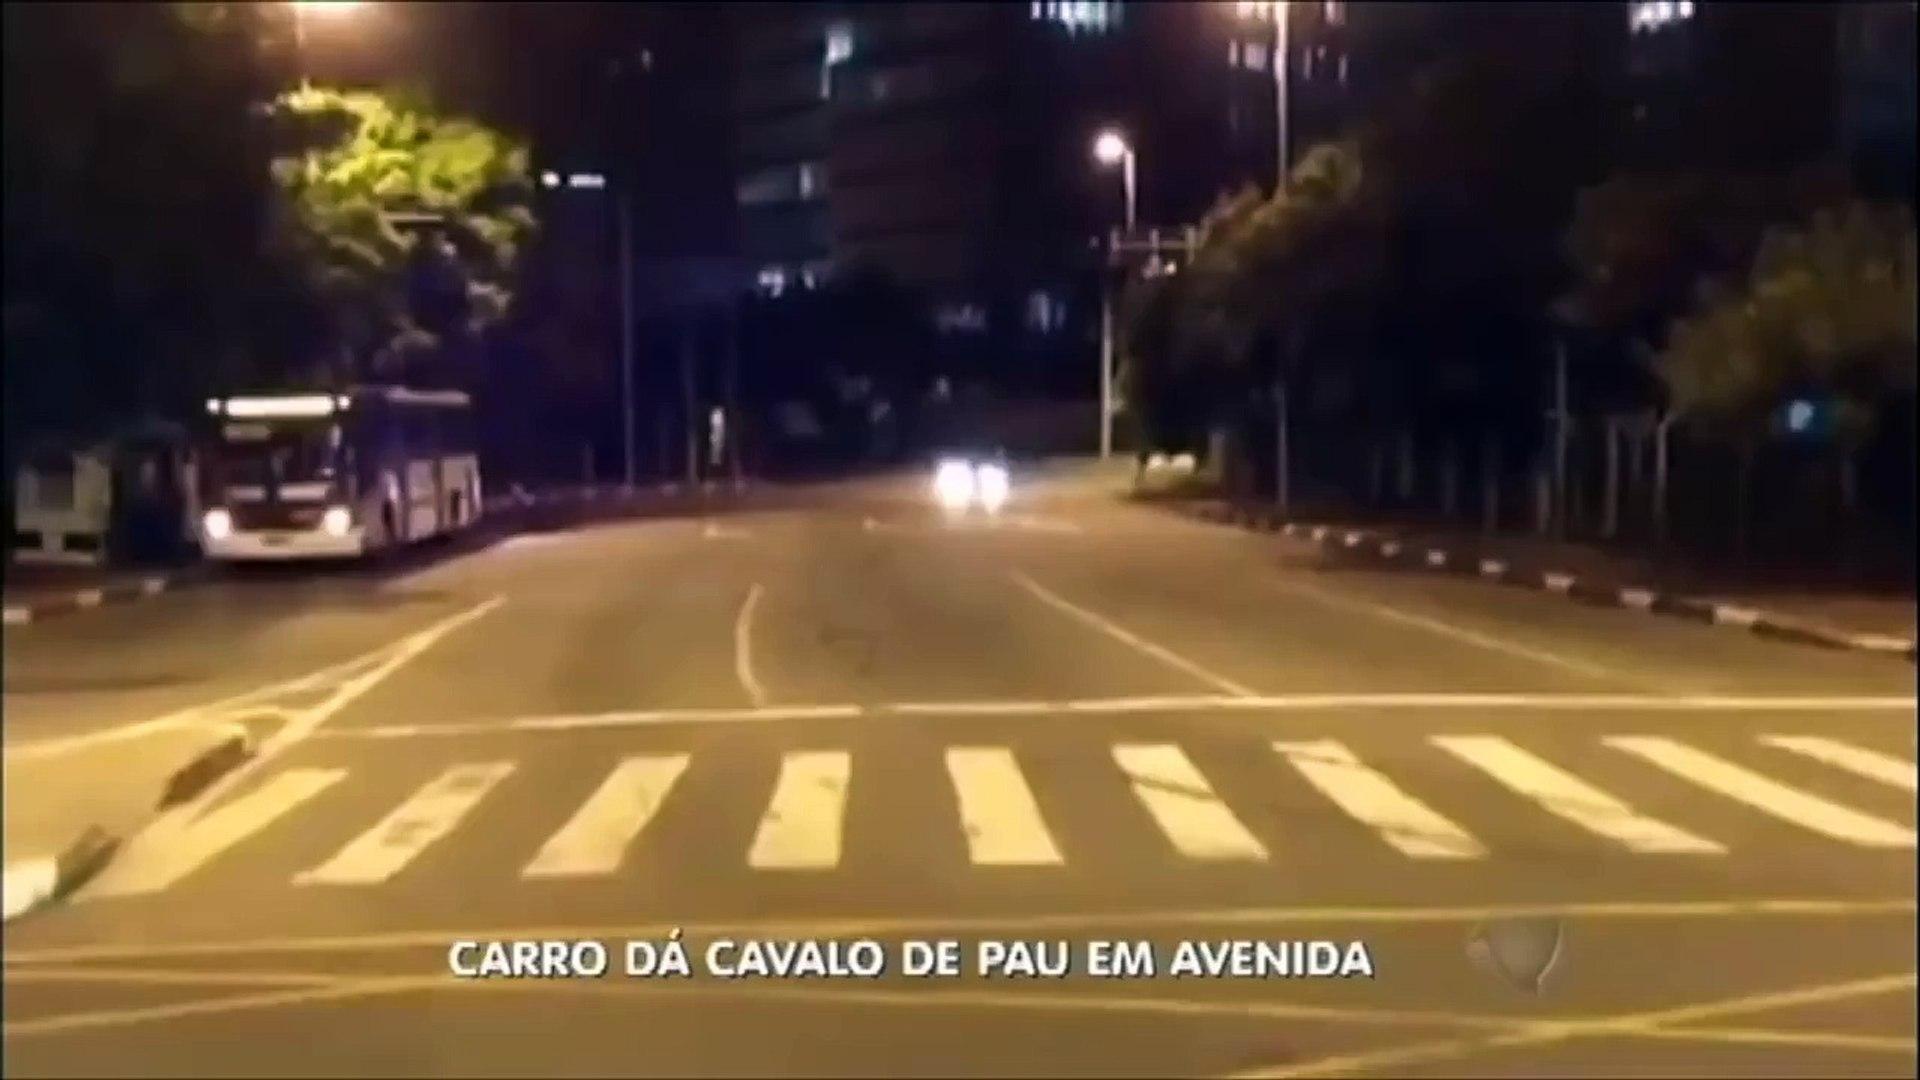 Motorista de cavalo de pau com carro em alta velocidade em avenida de São Paulo,2015